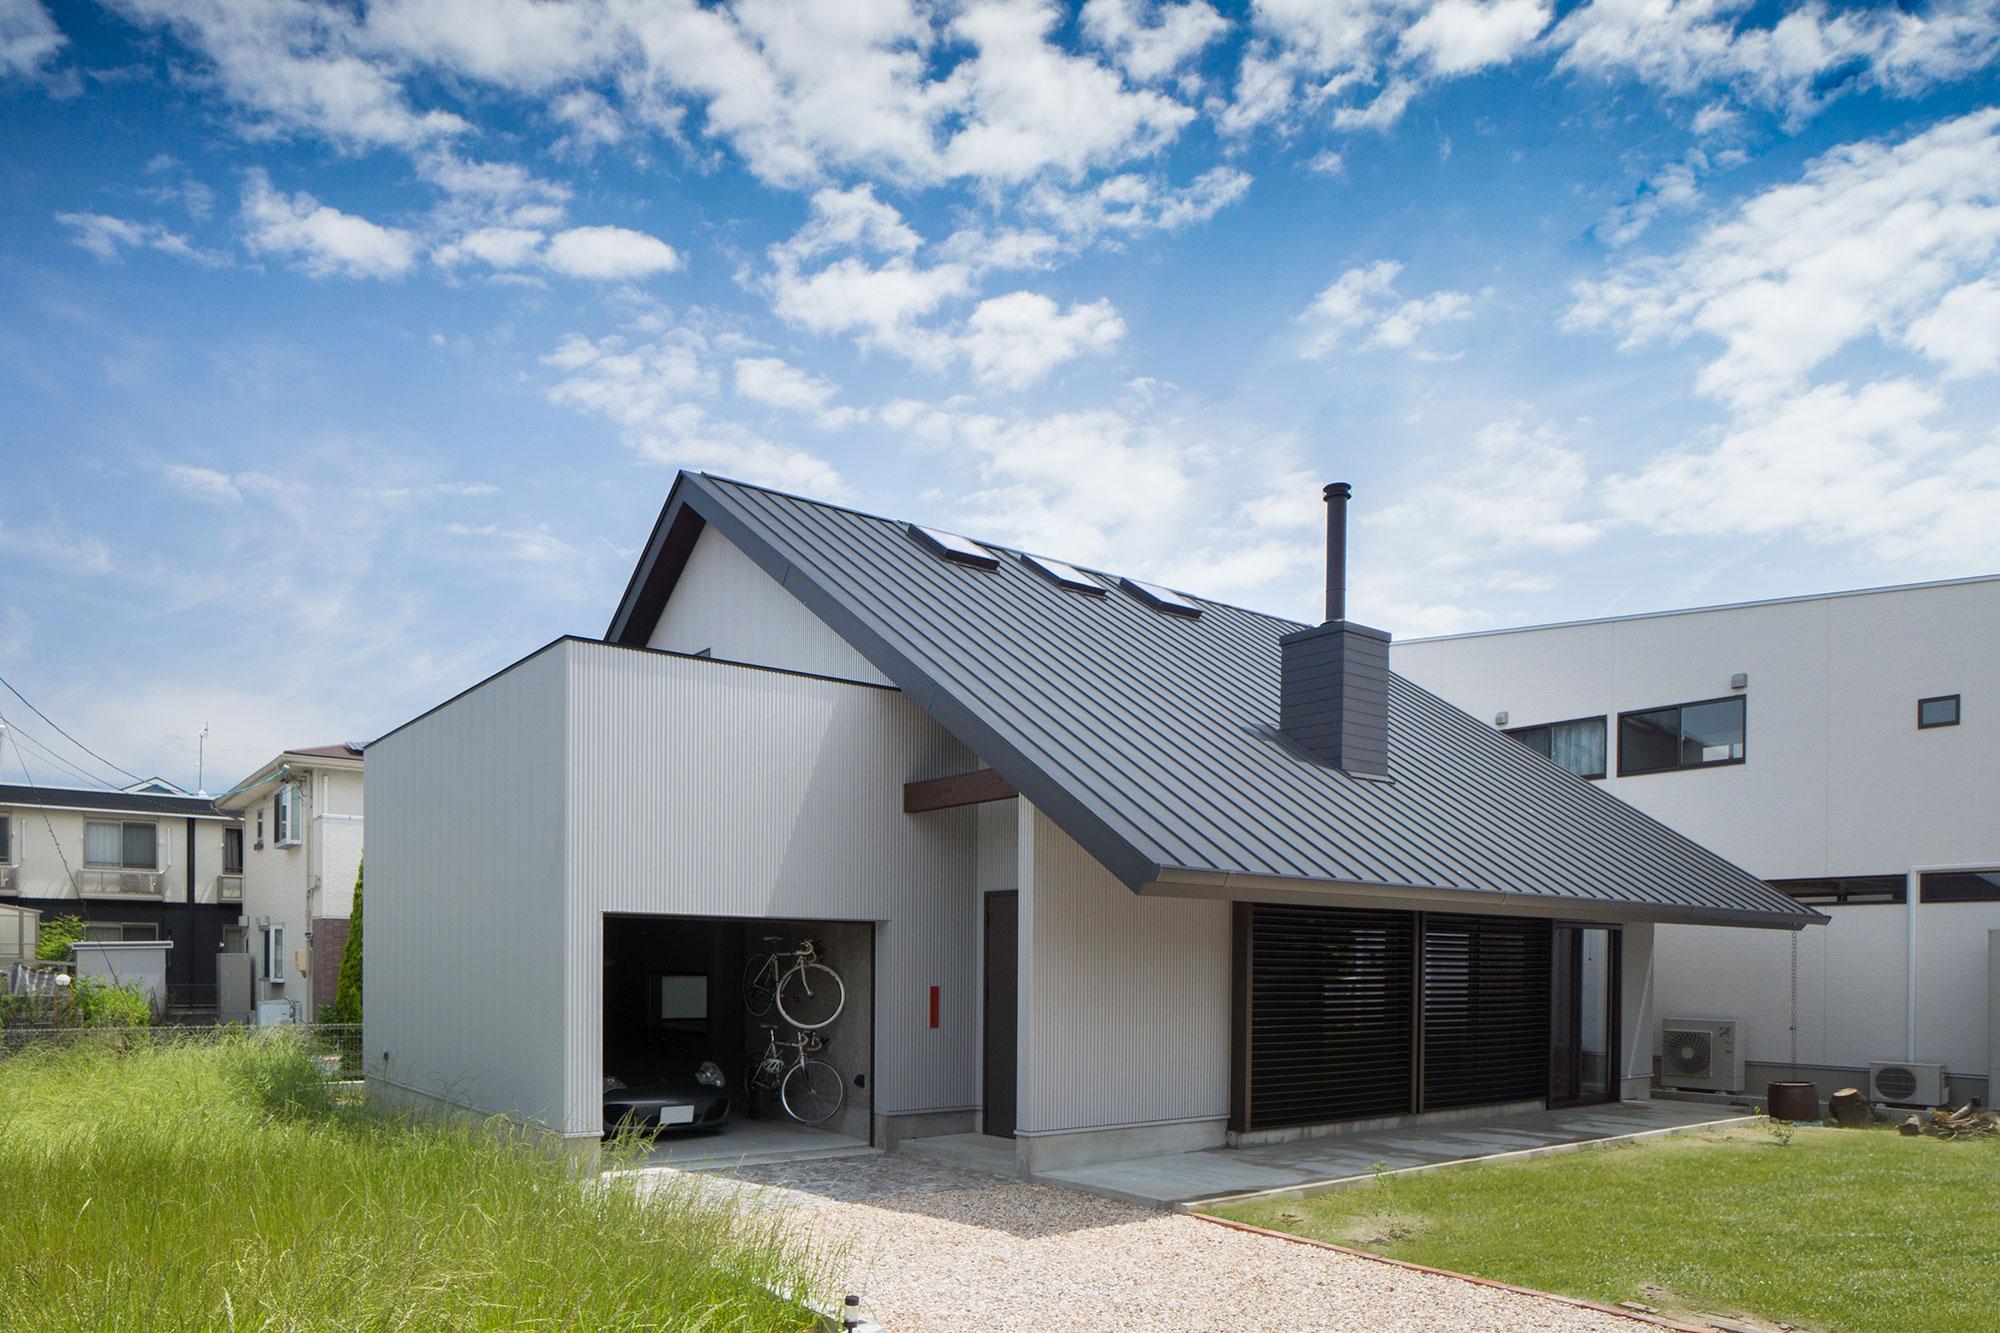 薪ストーブの煙突があるガレージハウスの外観写真